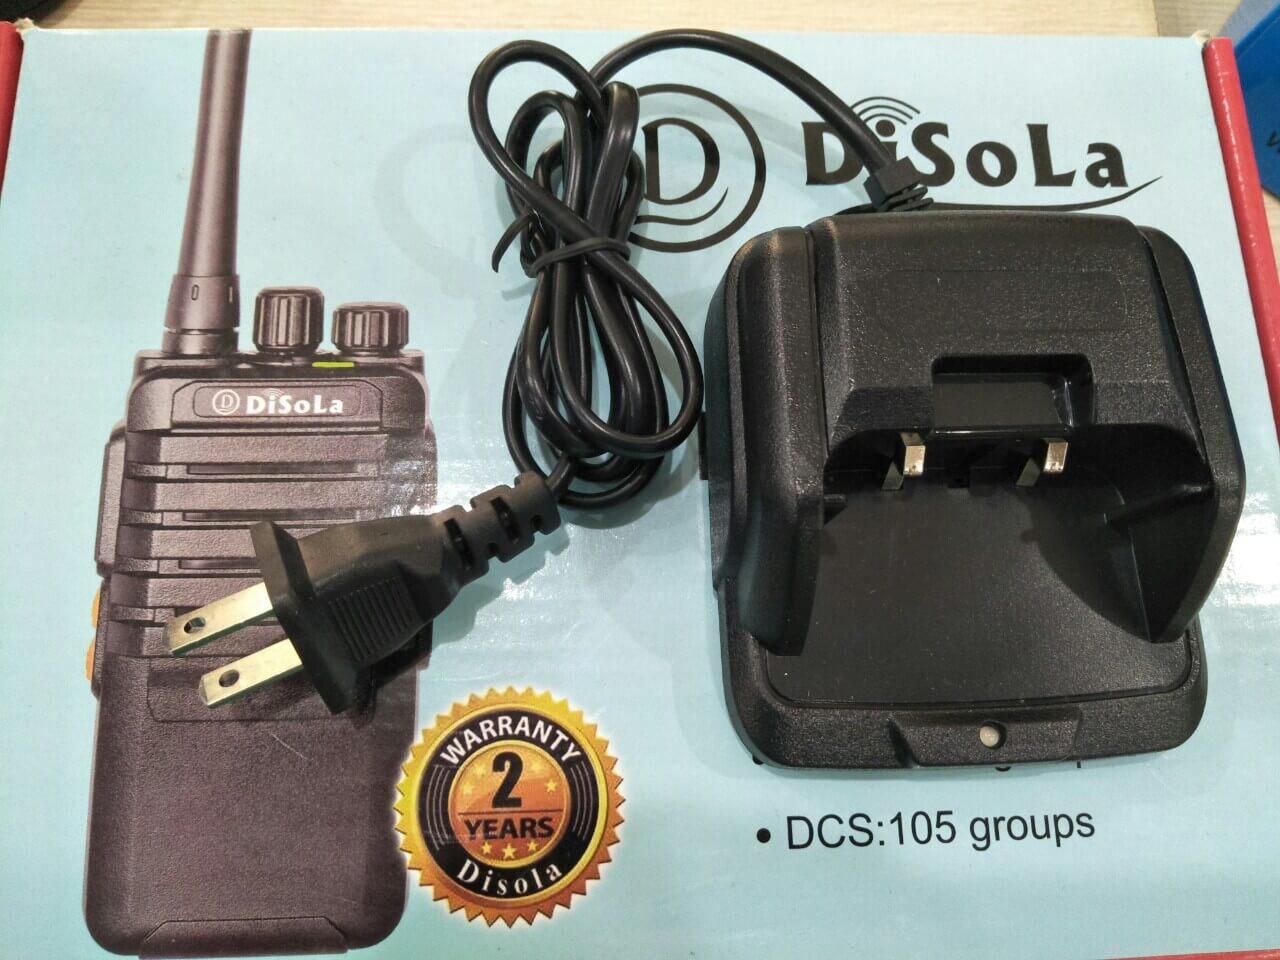 Sạc bộ đàm Disola DS 1700